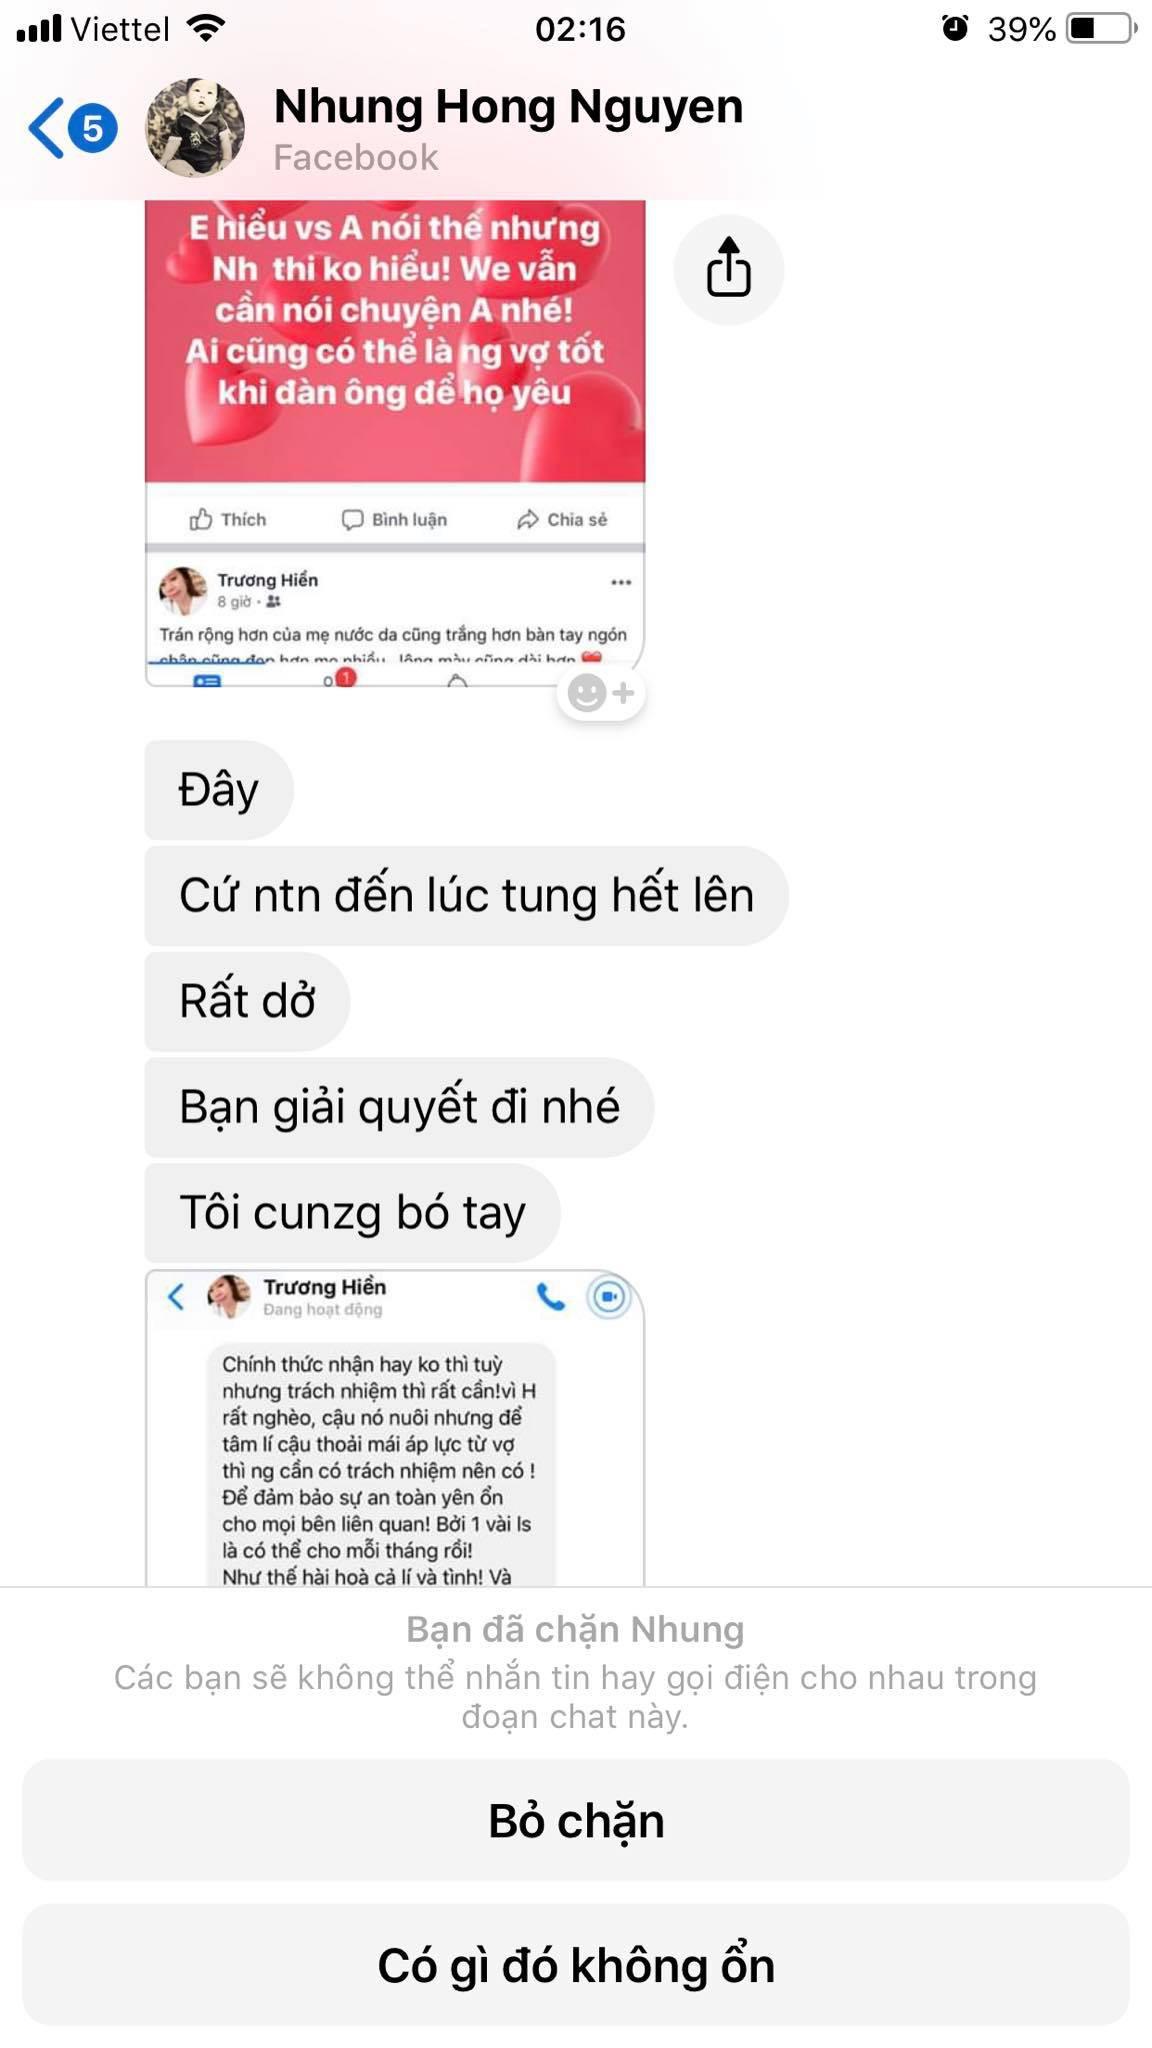 Nguyễn Hồng Nhung - bà xã Xuân Bắc bất ngờ bị tố đã bôi nhọ, sỉ nhục người khác, nếu không dừng lại sẽ khởi kiện-3